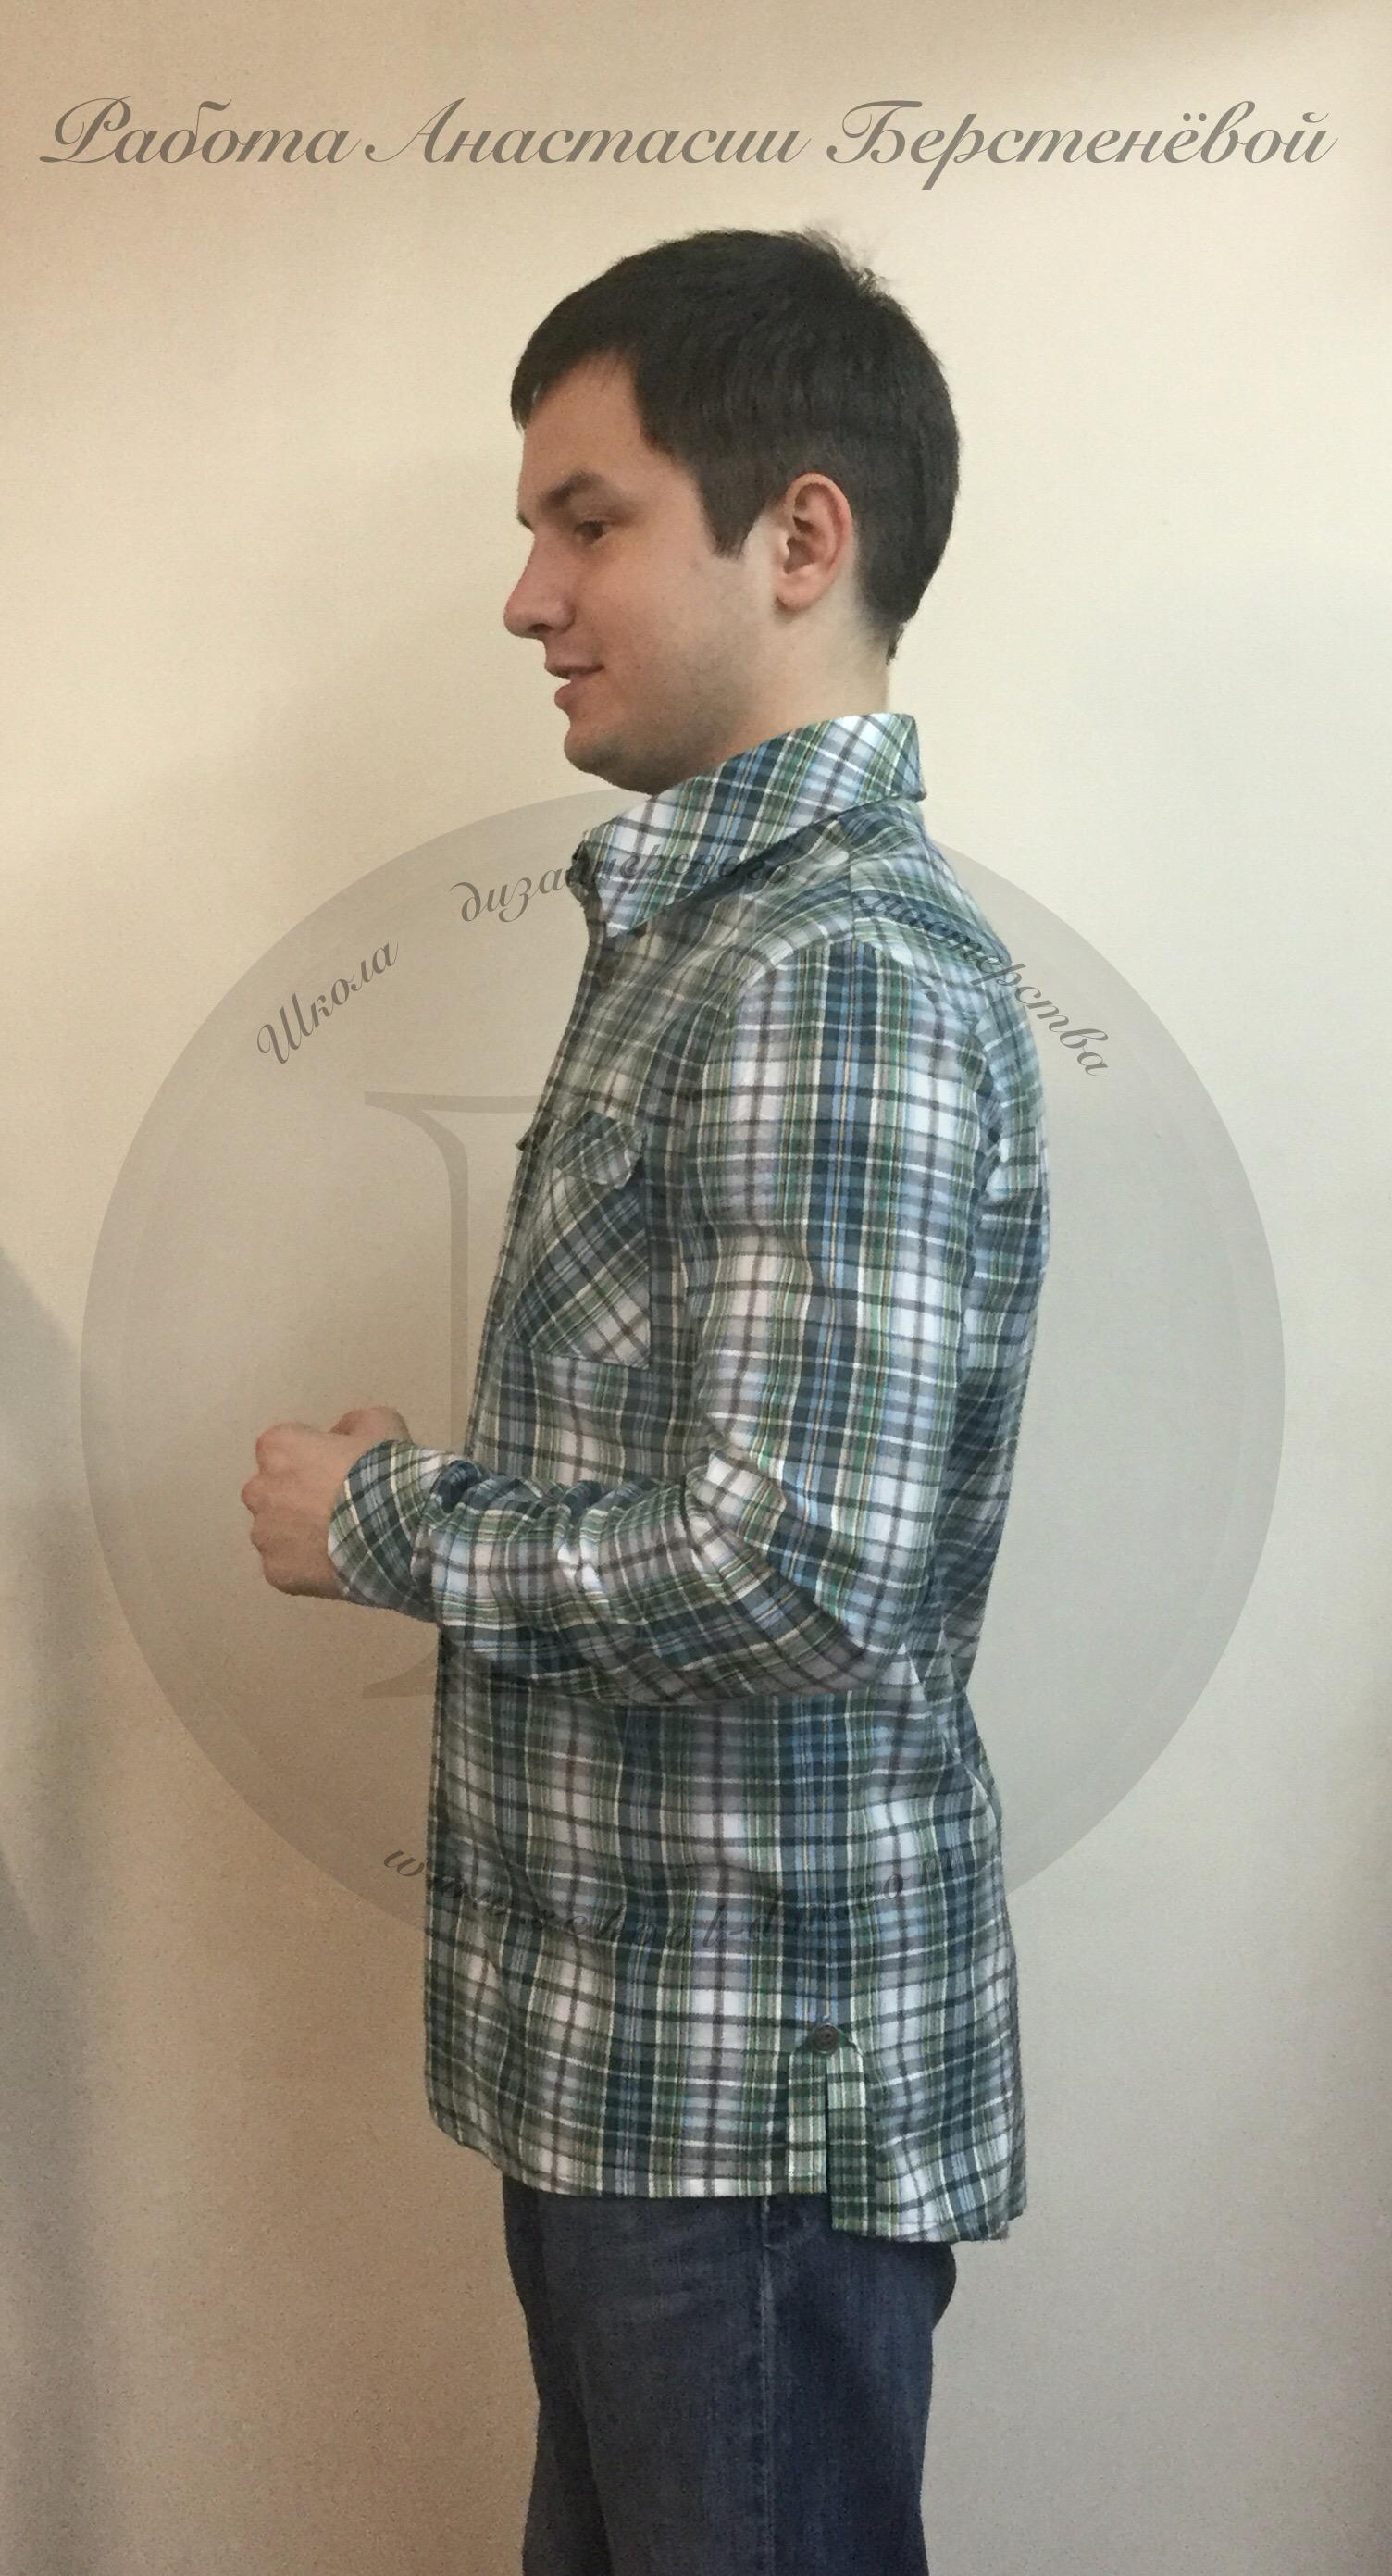 Школа дизайнерского мастерства, курсы кройки и шитья, шить мужскую рубашку